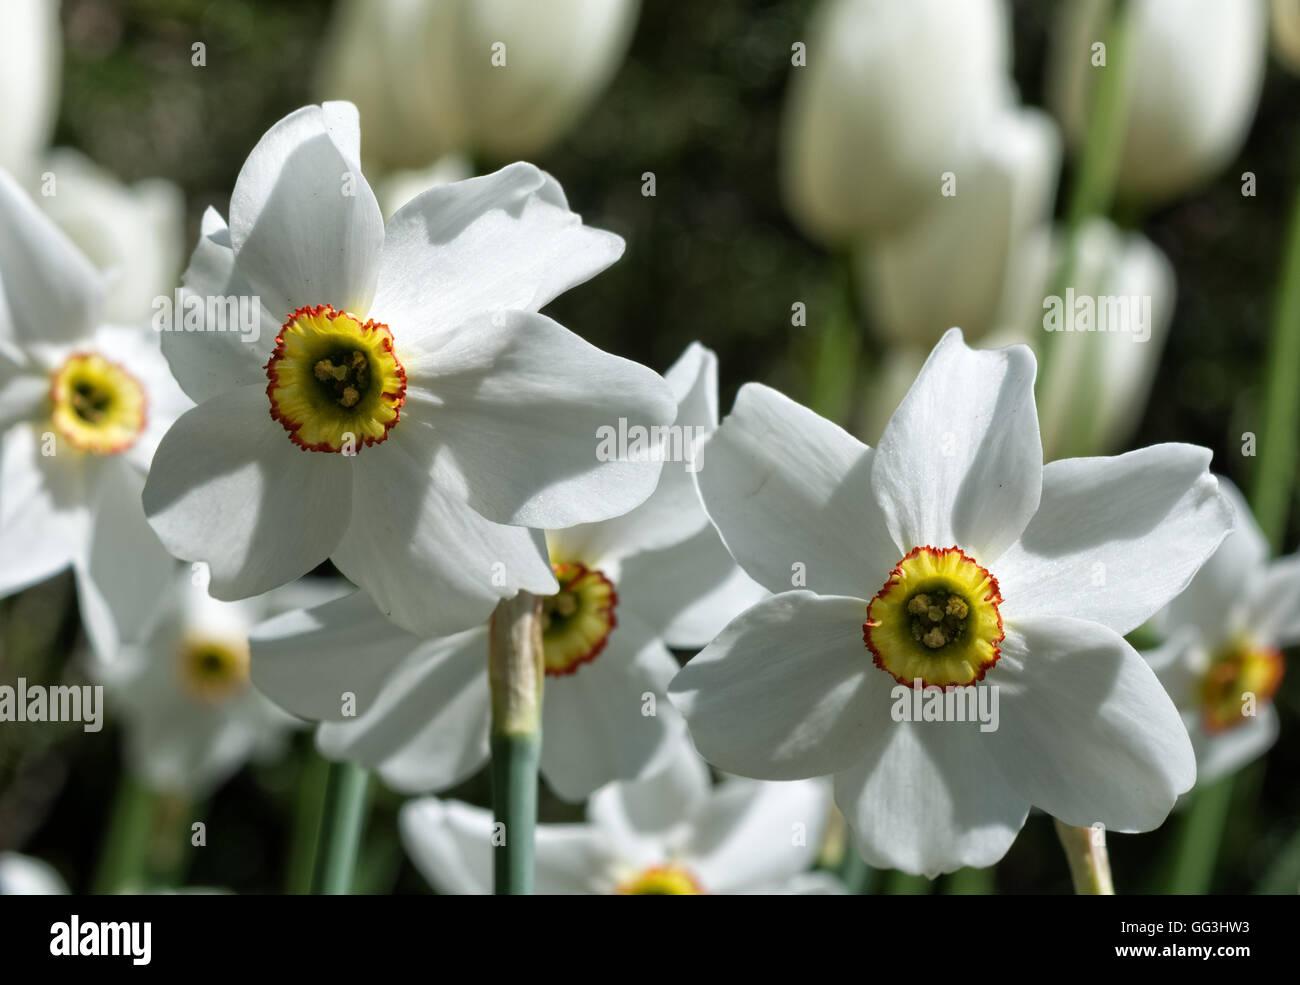 White Petal Fringe Imágenes De Stock & White Petal Fringe Fotos De ...